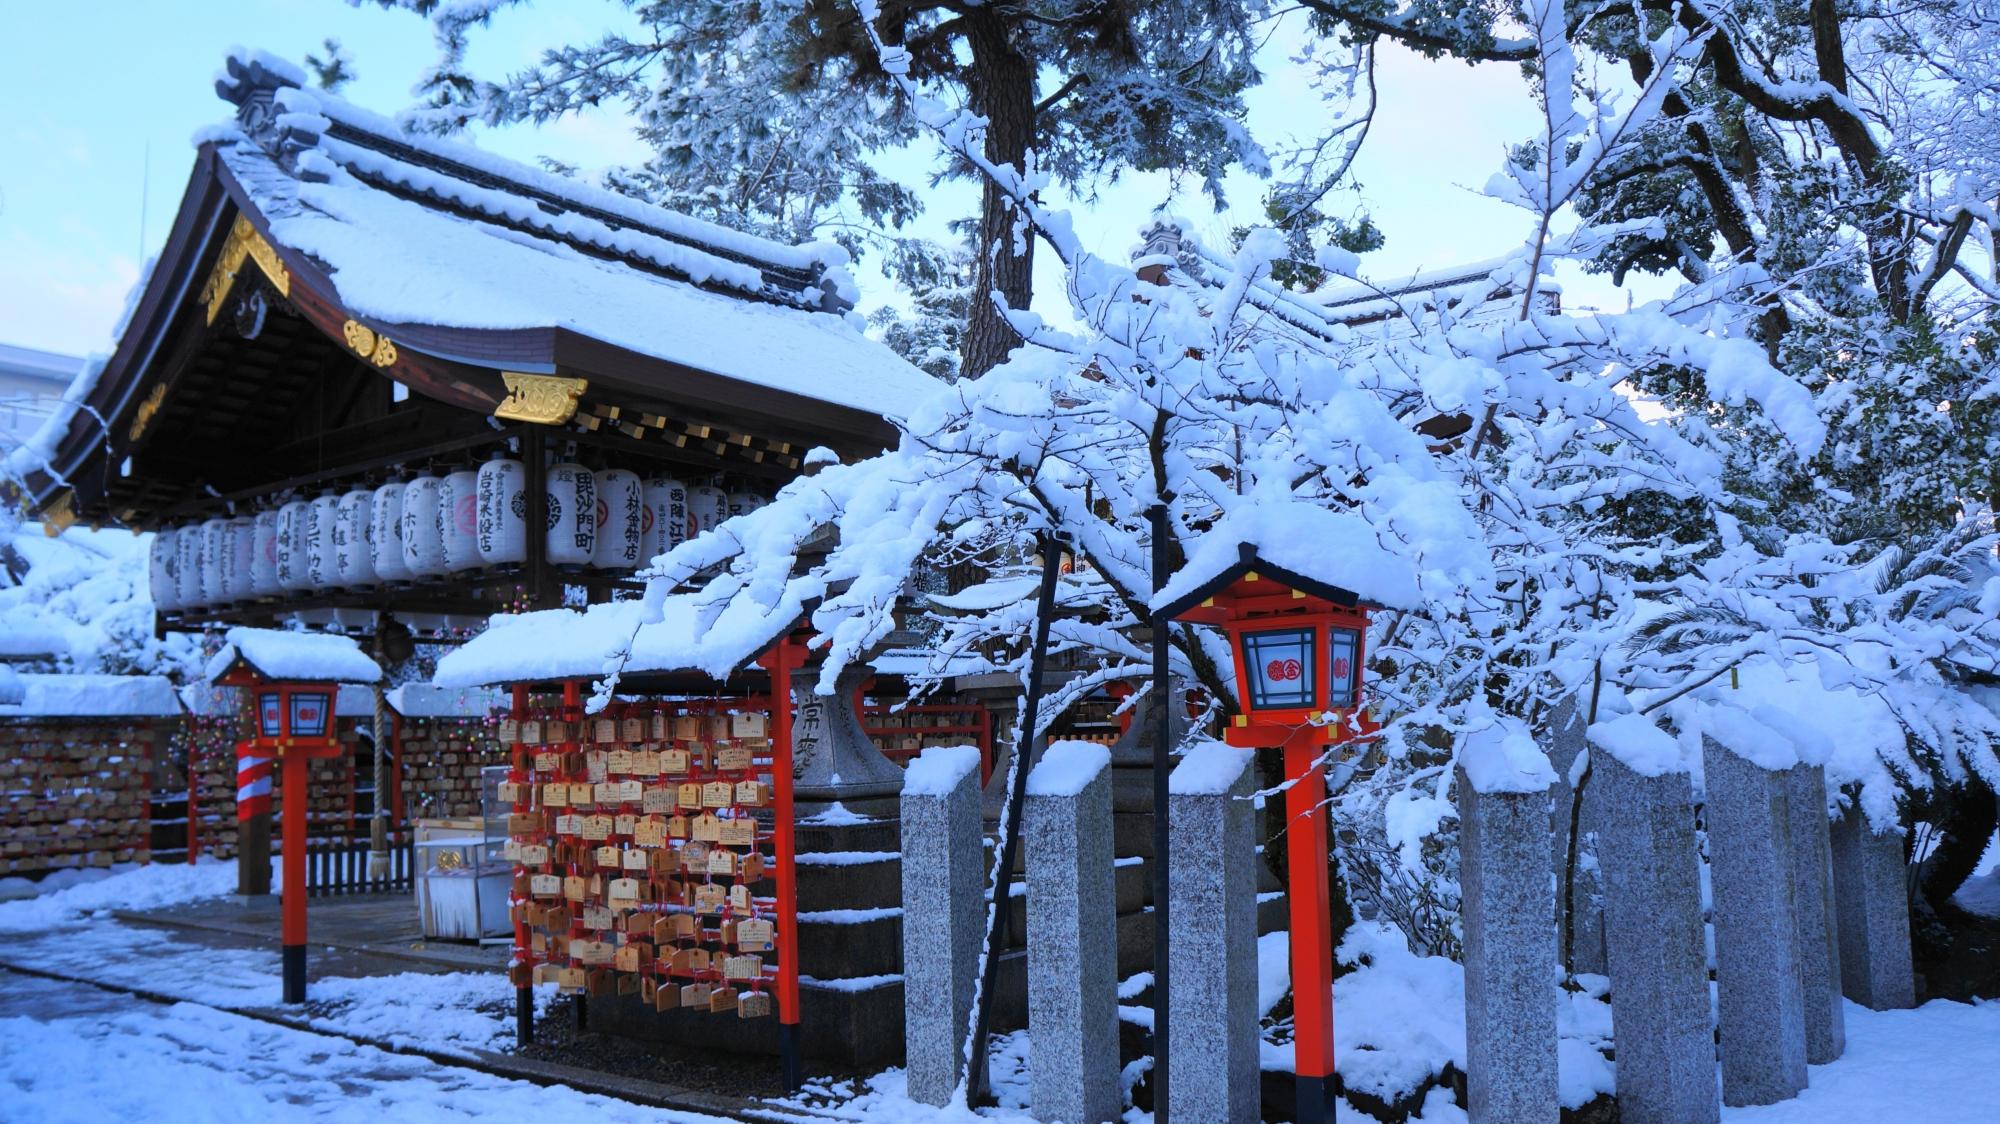 安井金比羅宮 雪 高画質 写真